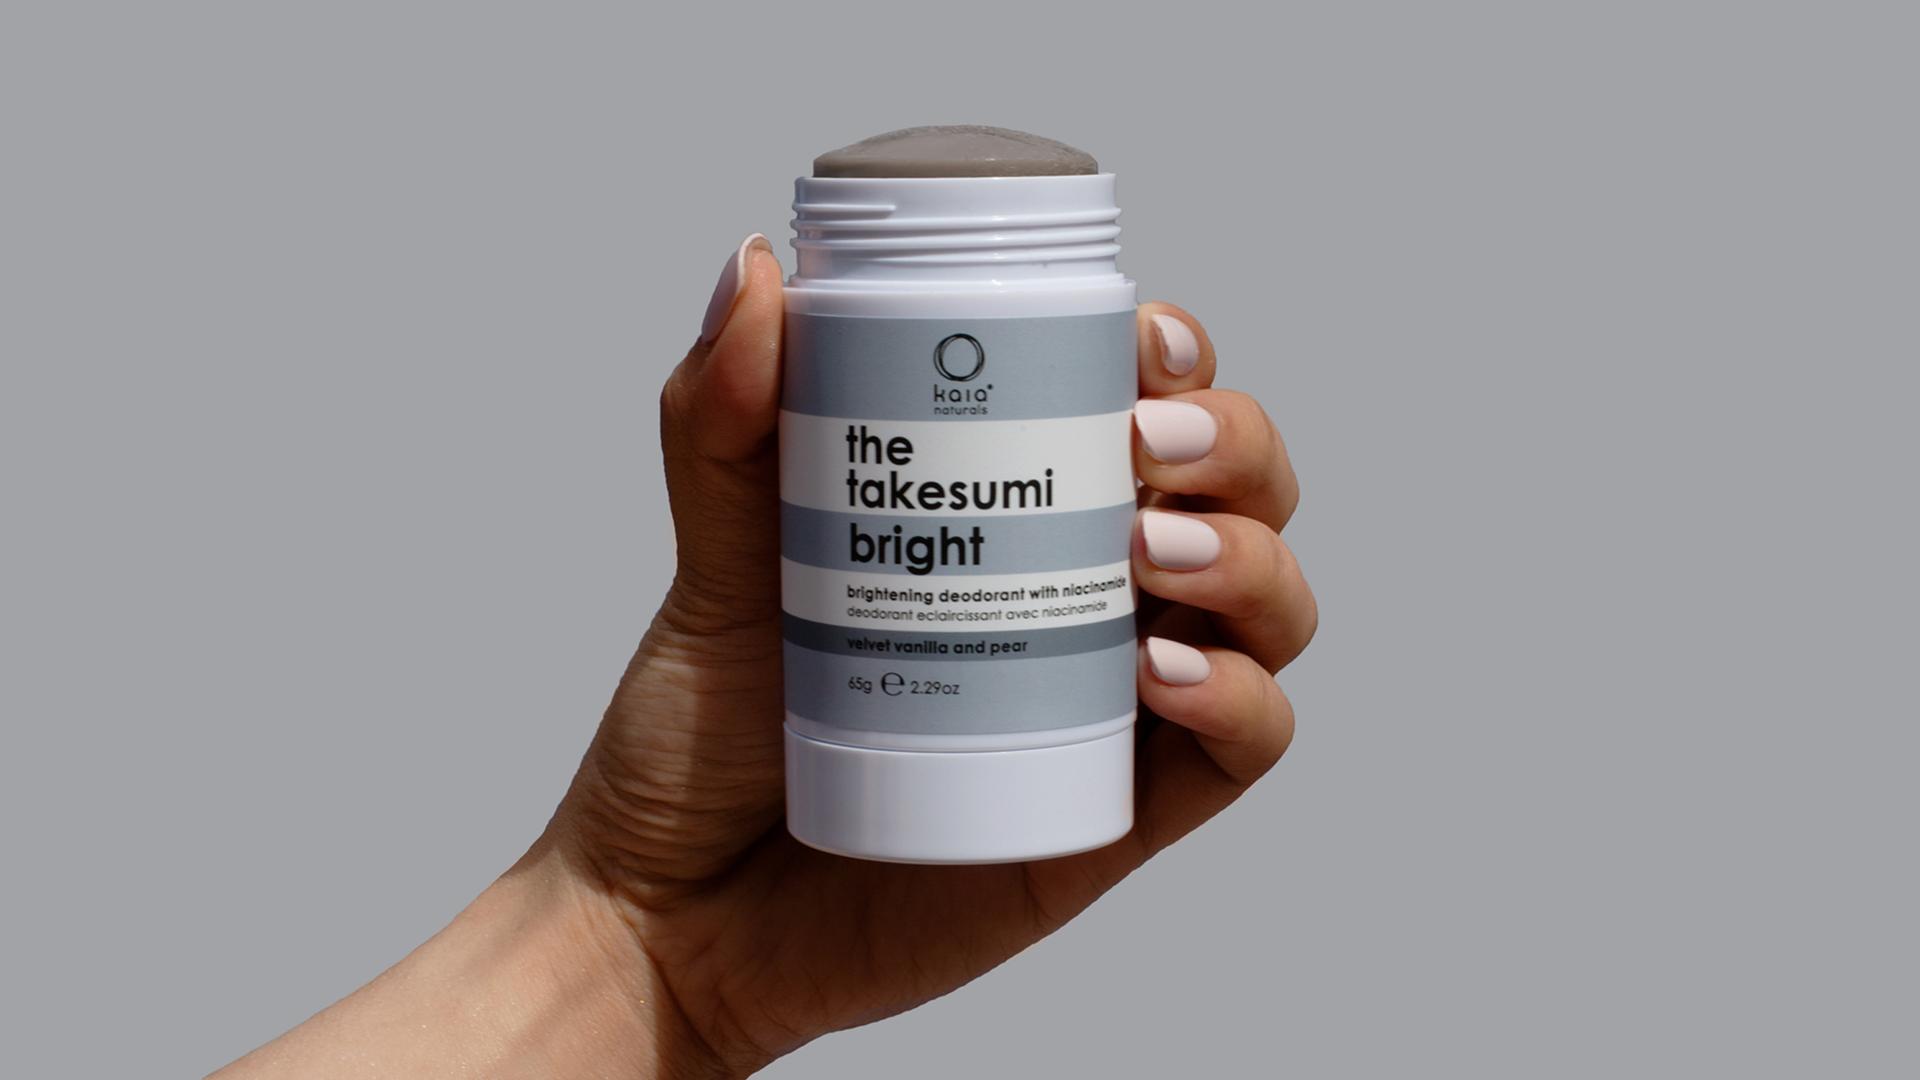 takesumi bright deodorant and body balm